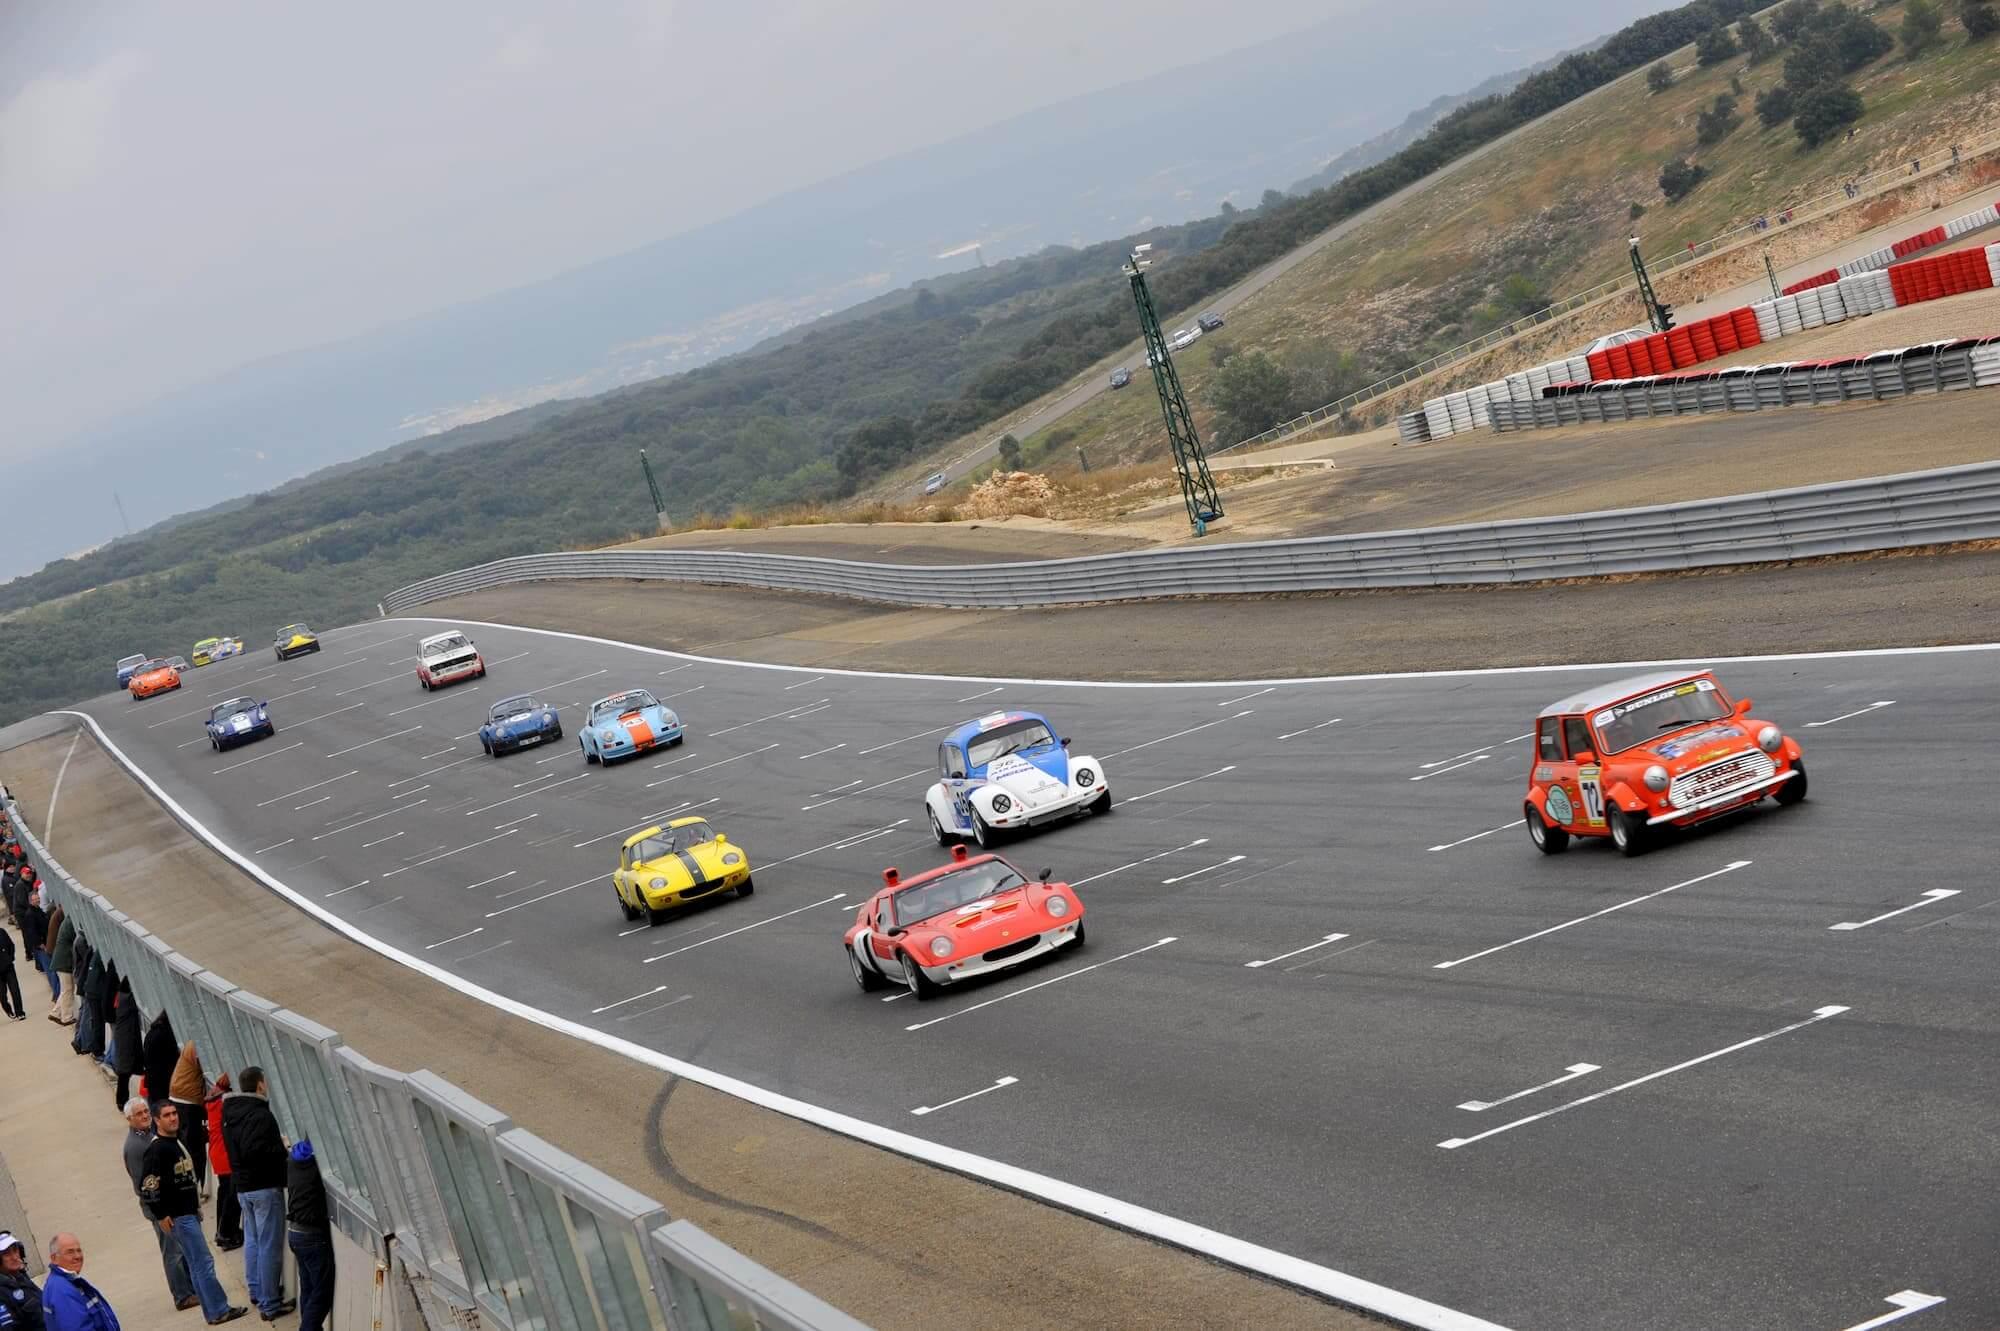 Mini austin 1460 cc sur le circuit de ledenon - vintage racing automobile